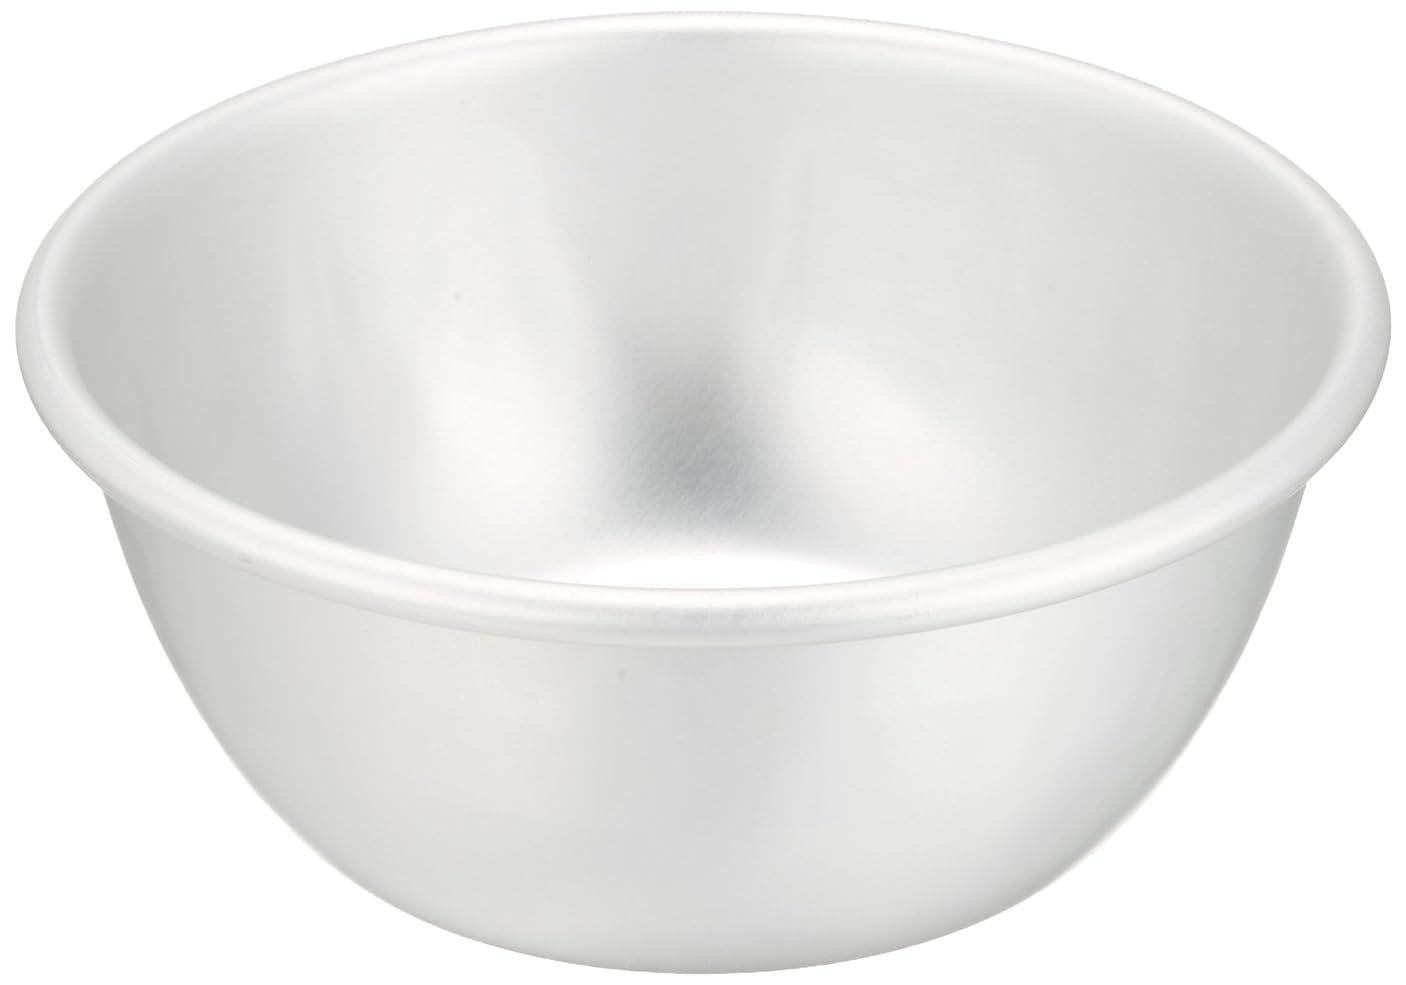 値筋誤解させるアカオアルミ 給食用食器 11cm アルミニウム(アルマイト) 日本 RKY12011